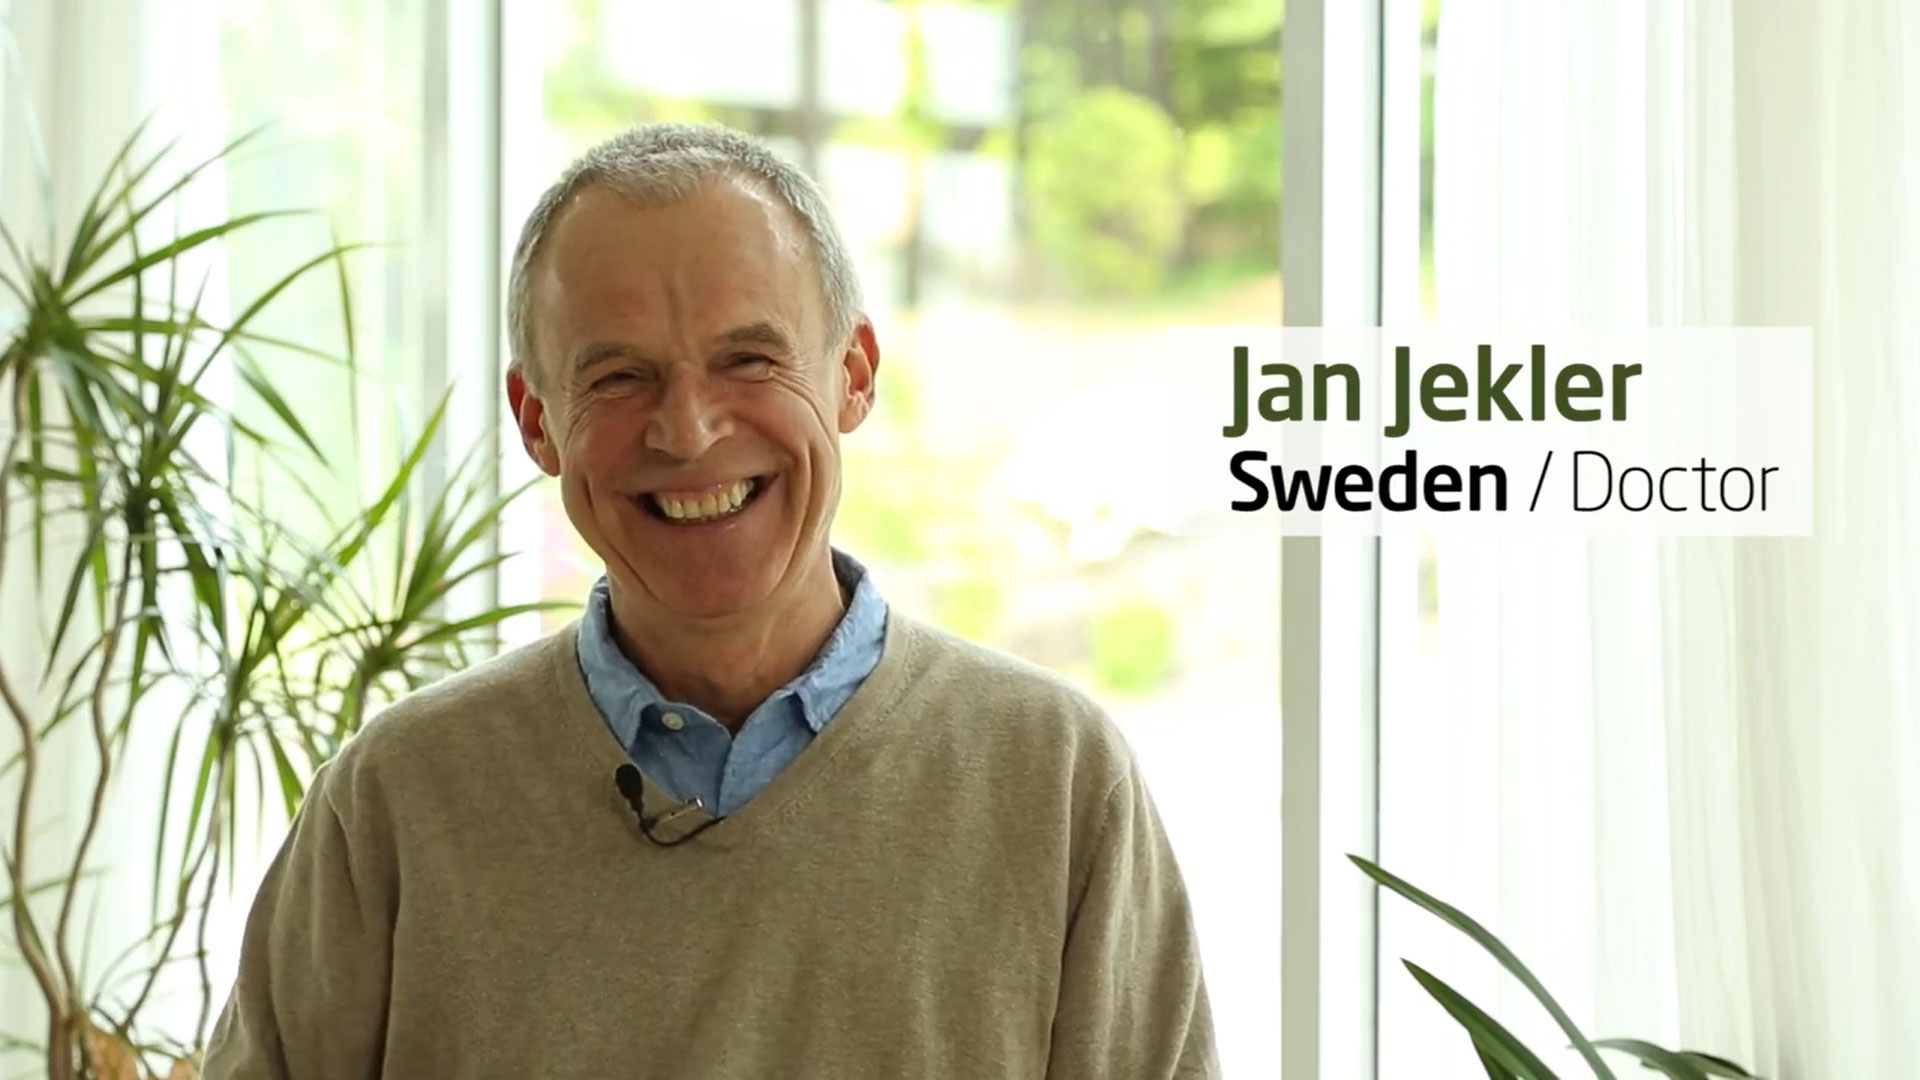 Jan Jekler